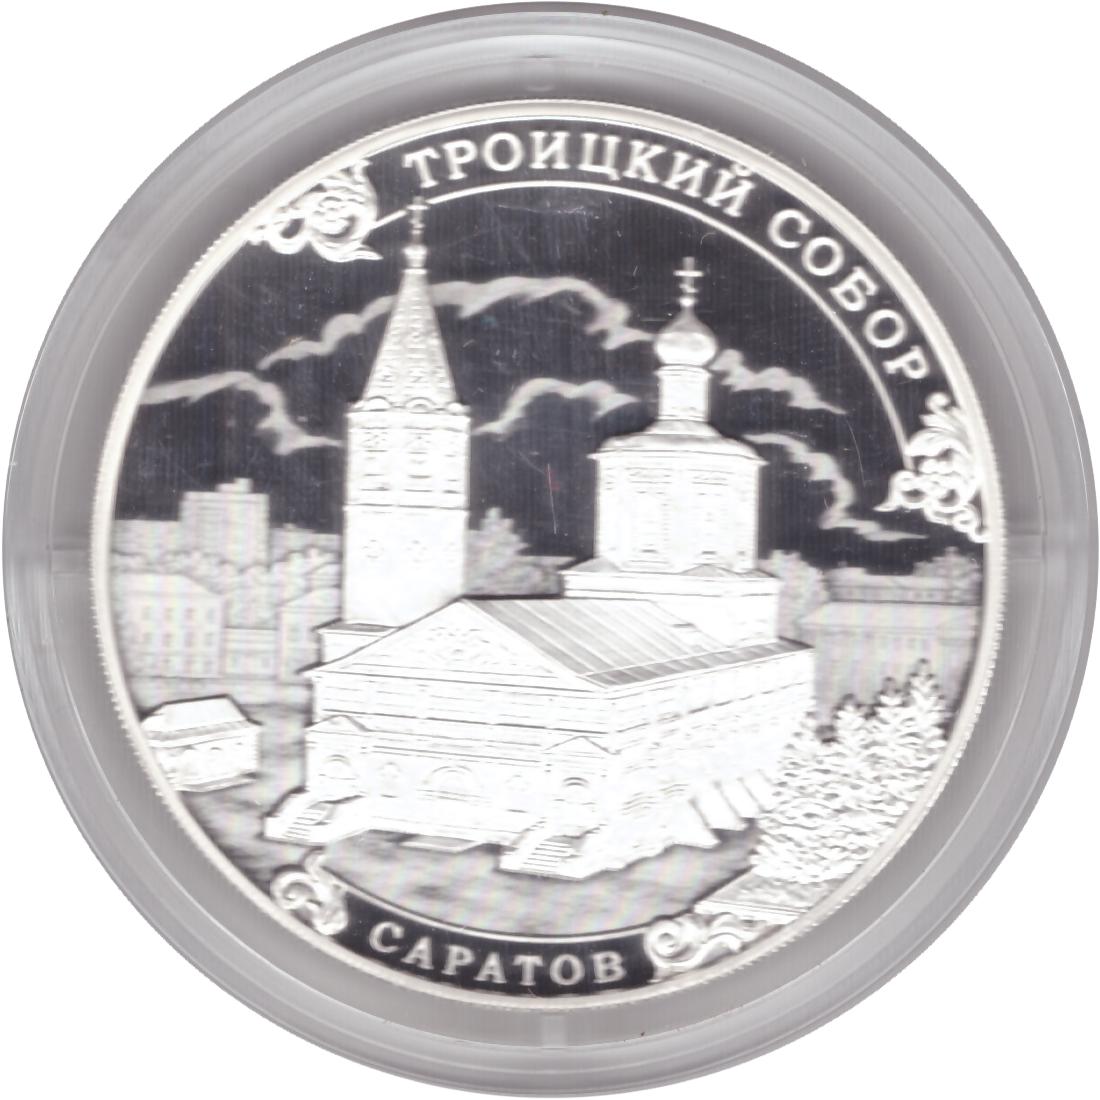 """3 рубля 2018 года """"Троицкий собор, г. Саратов"""" PROOF"""